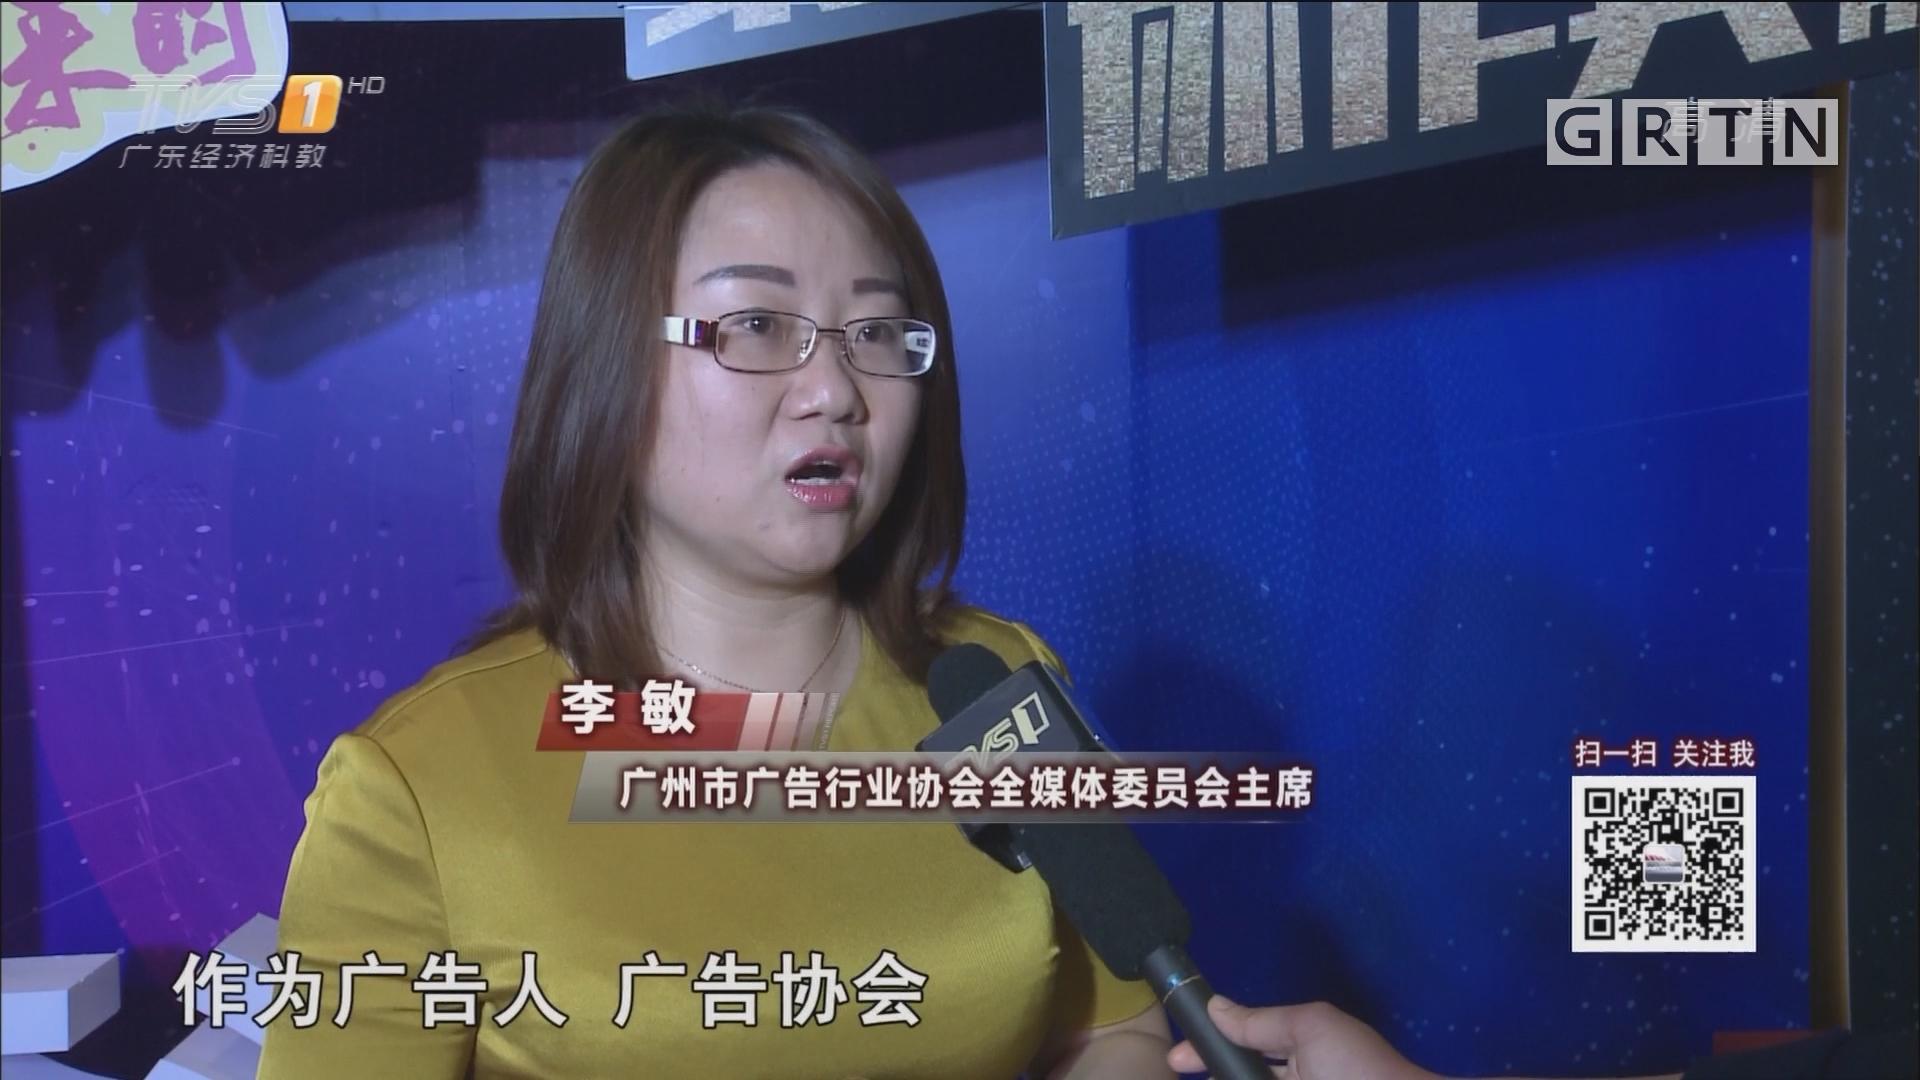 广东品牌传播战略联盟启动 合力打造品牌强省